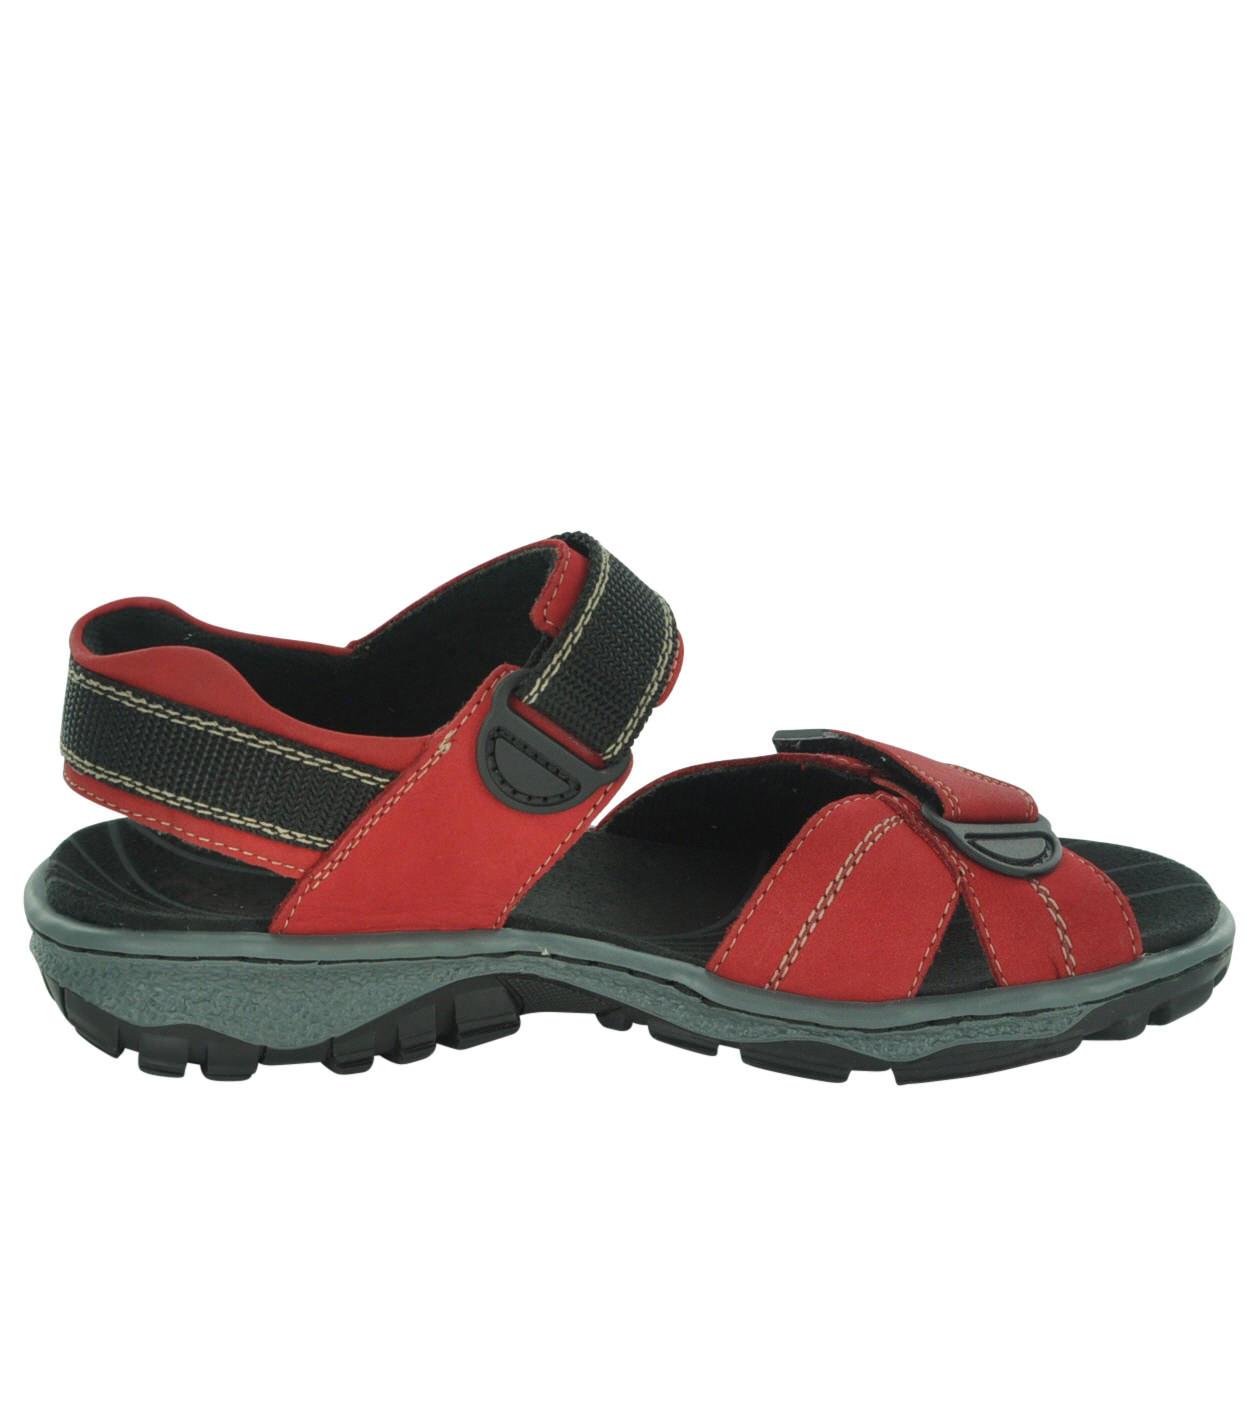 Rieker 68851 Women's Active Sandals